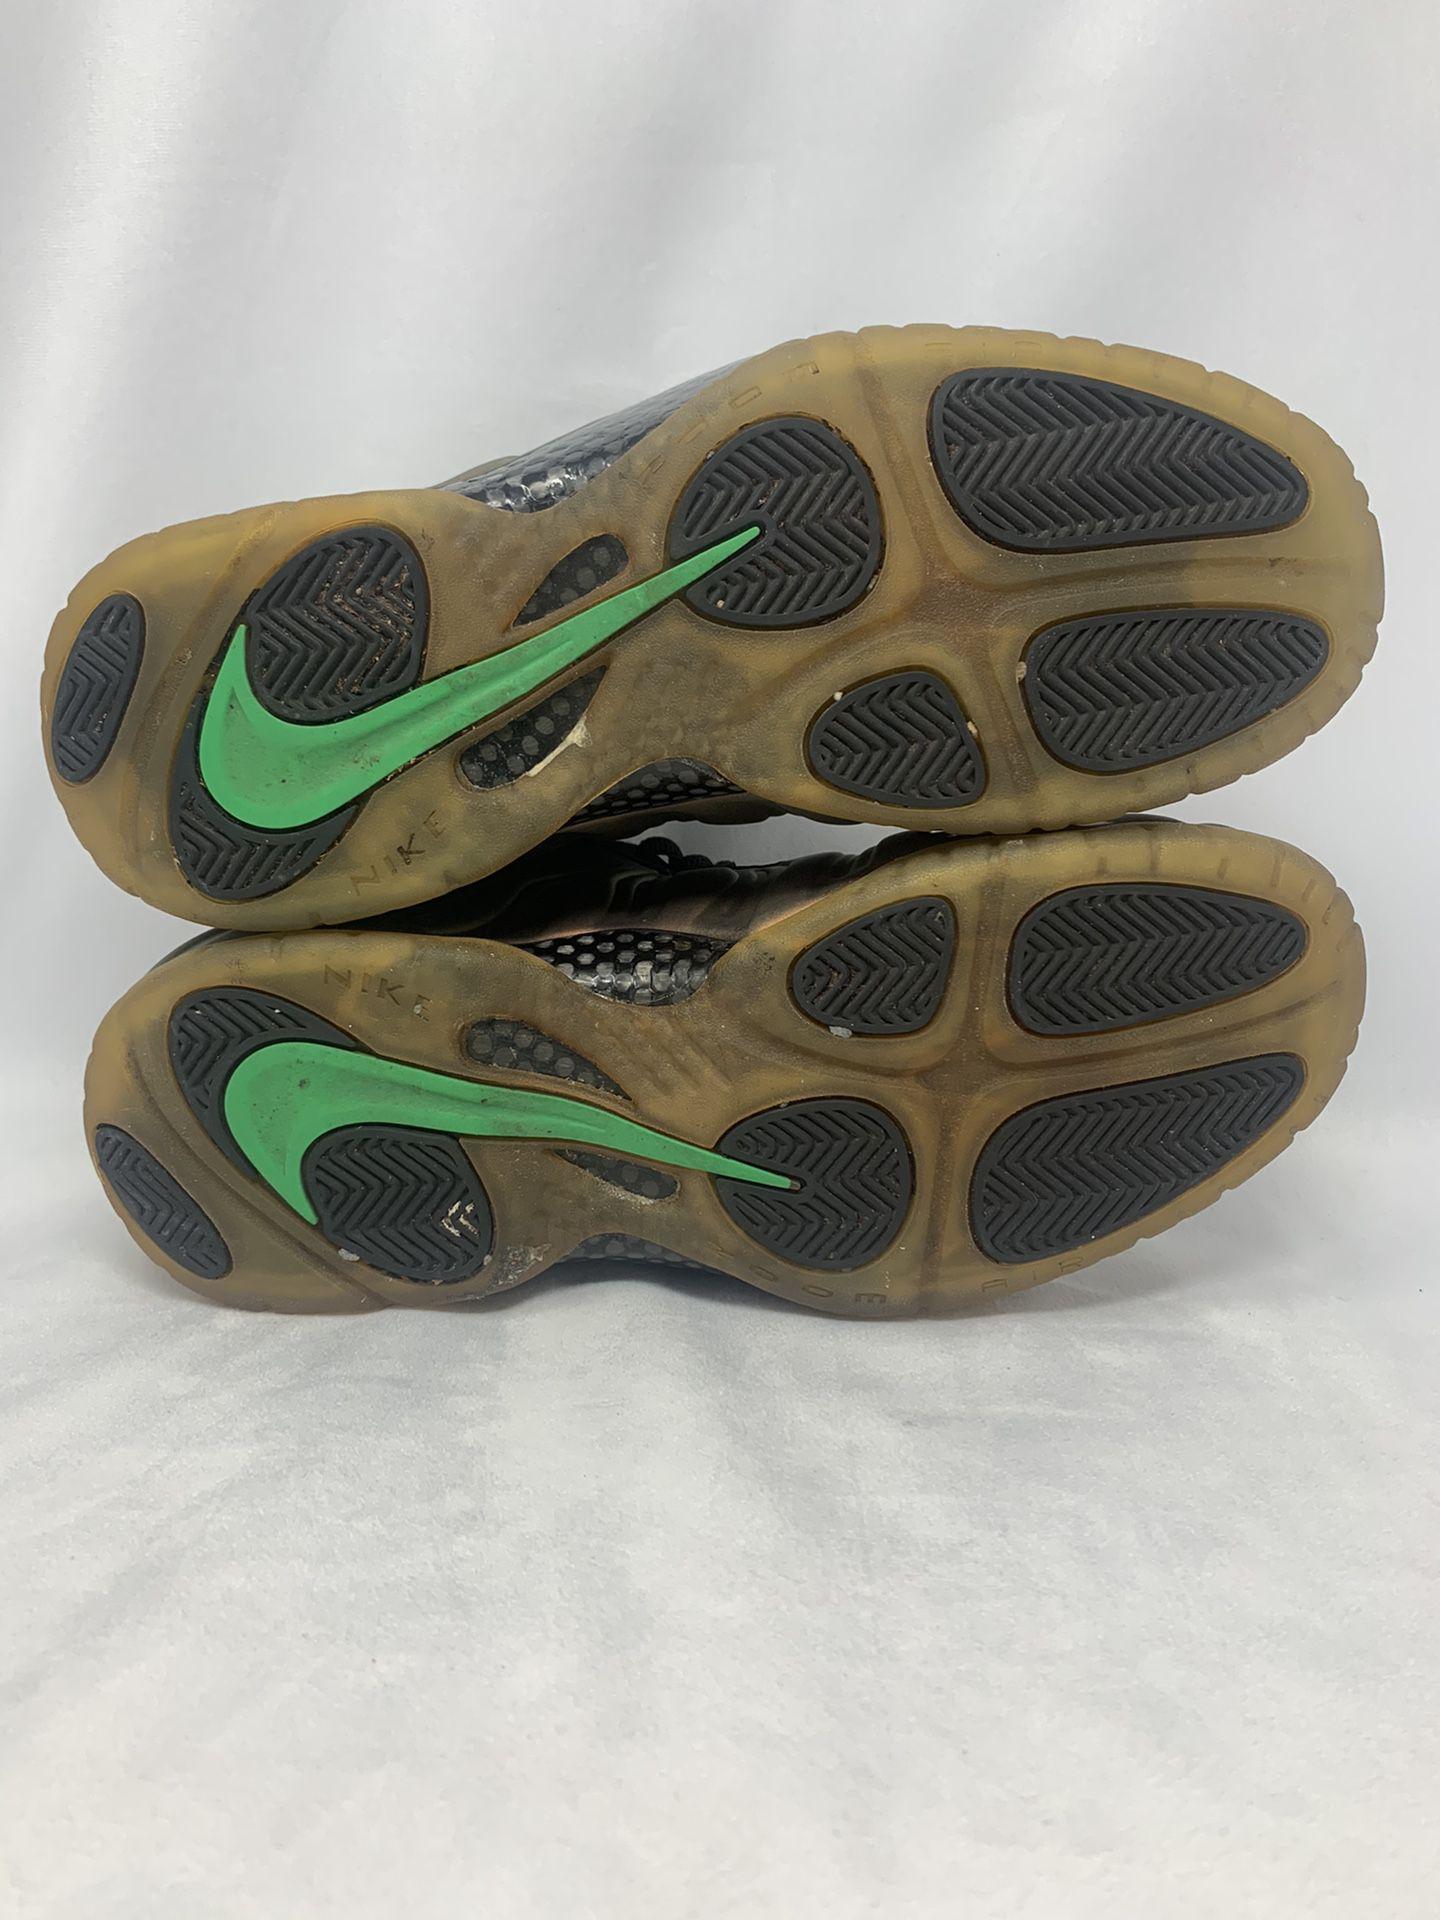 Nike Foamposite Pro 'Gym Green' Size 12